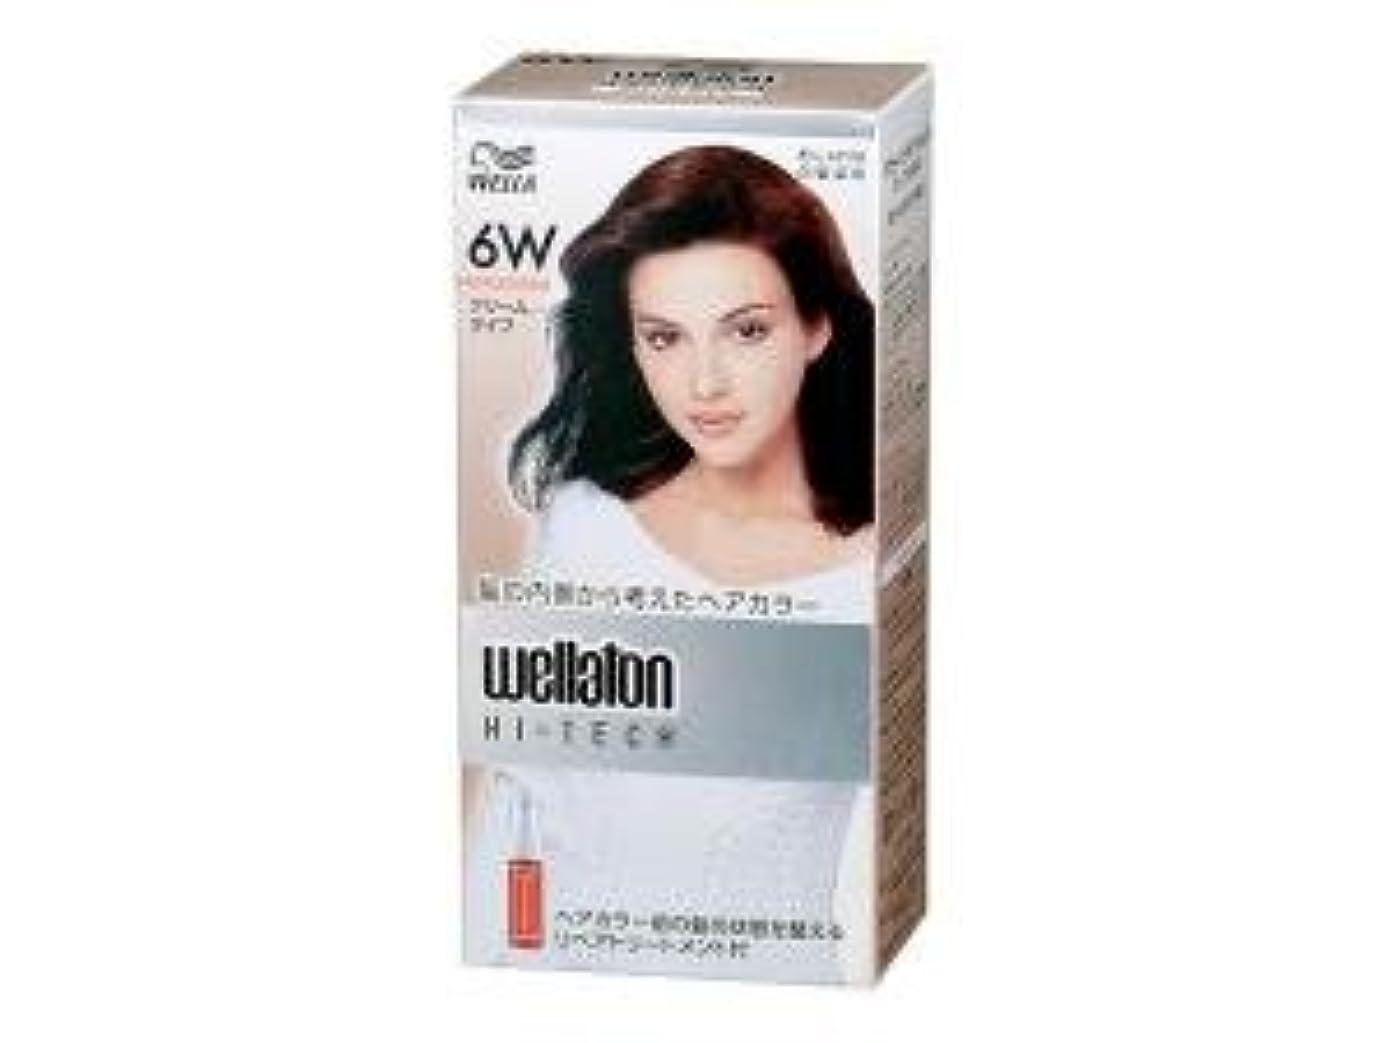 誰あいまいさ微生物【ヘアケア】P&G ウエラトーン ハイテック クリーム 6W 暖かみのある自然な栗色 医薬部外品 白髪染めヘアカラー(女性用)×24点セット (4902565140534)